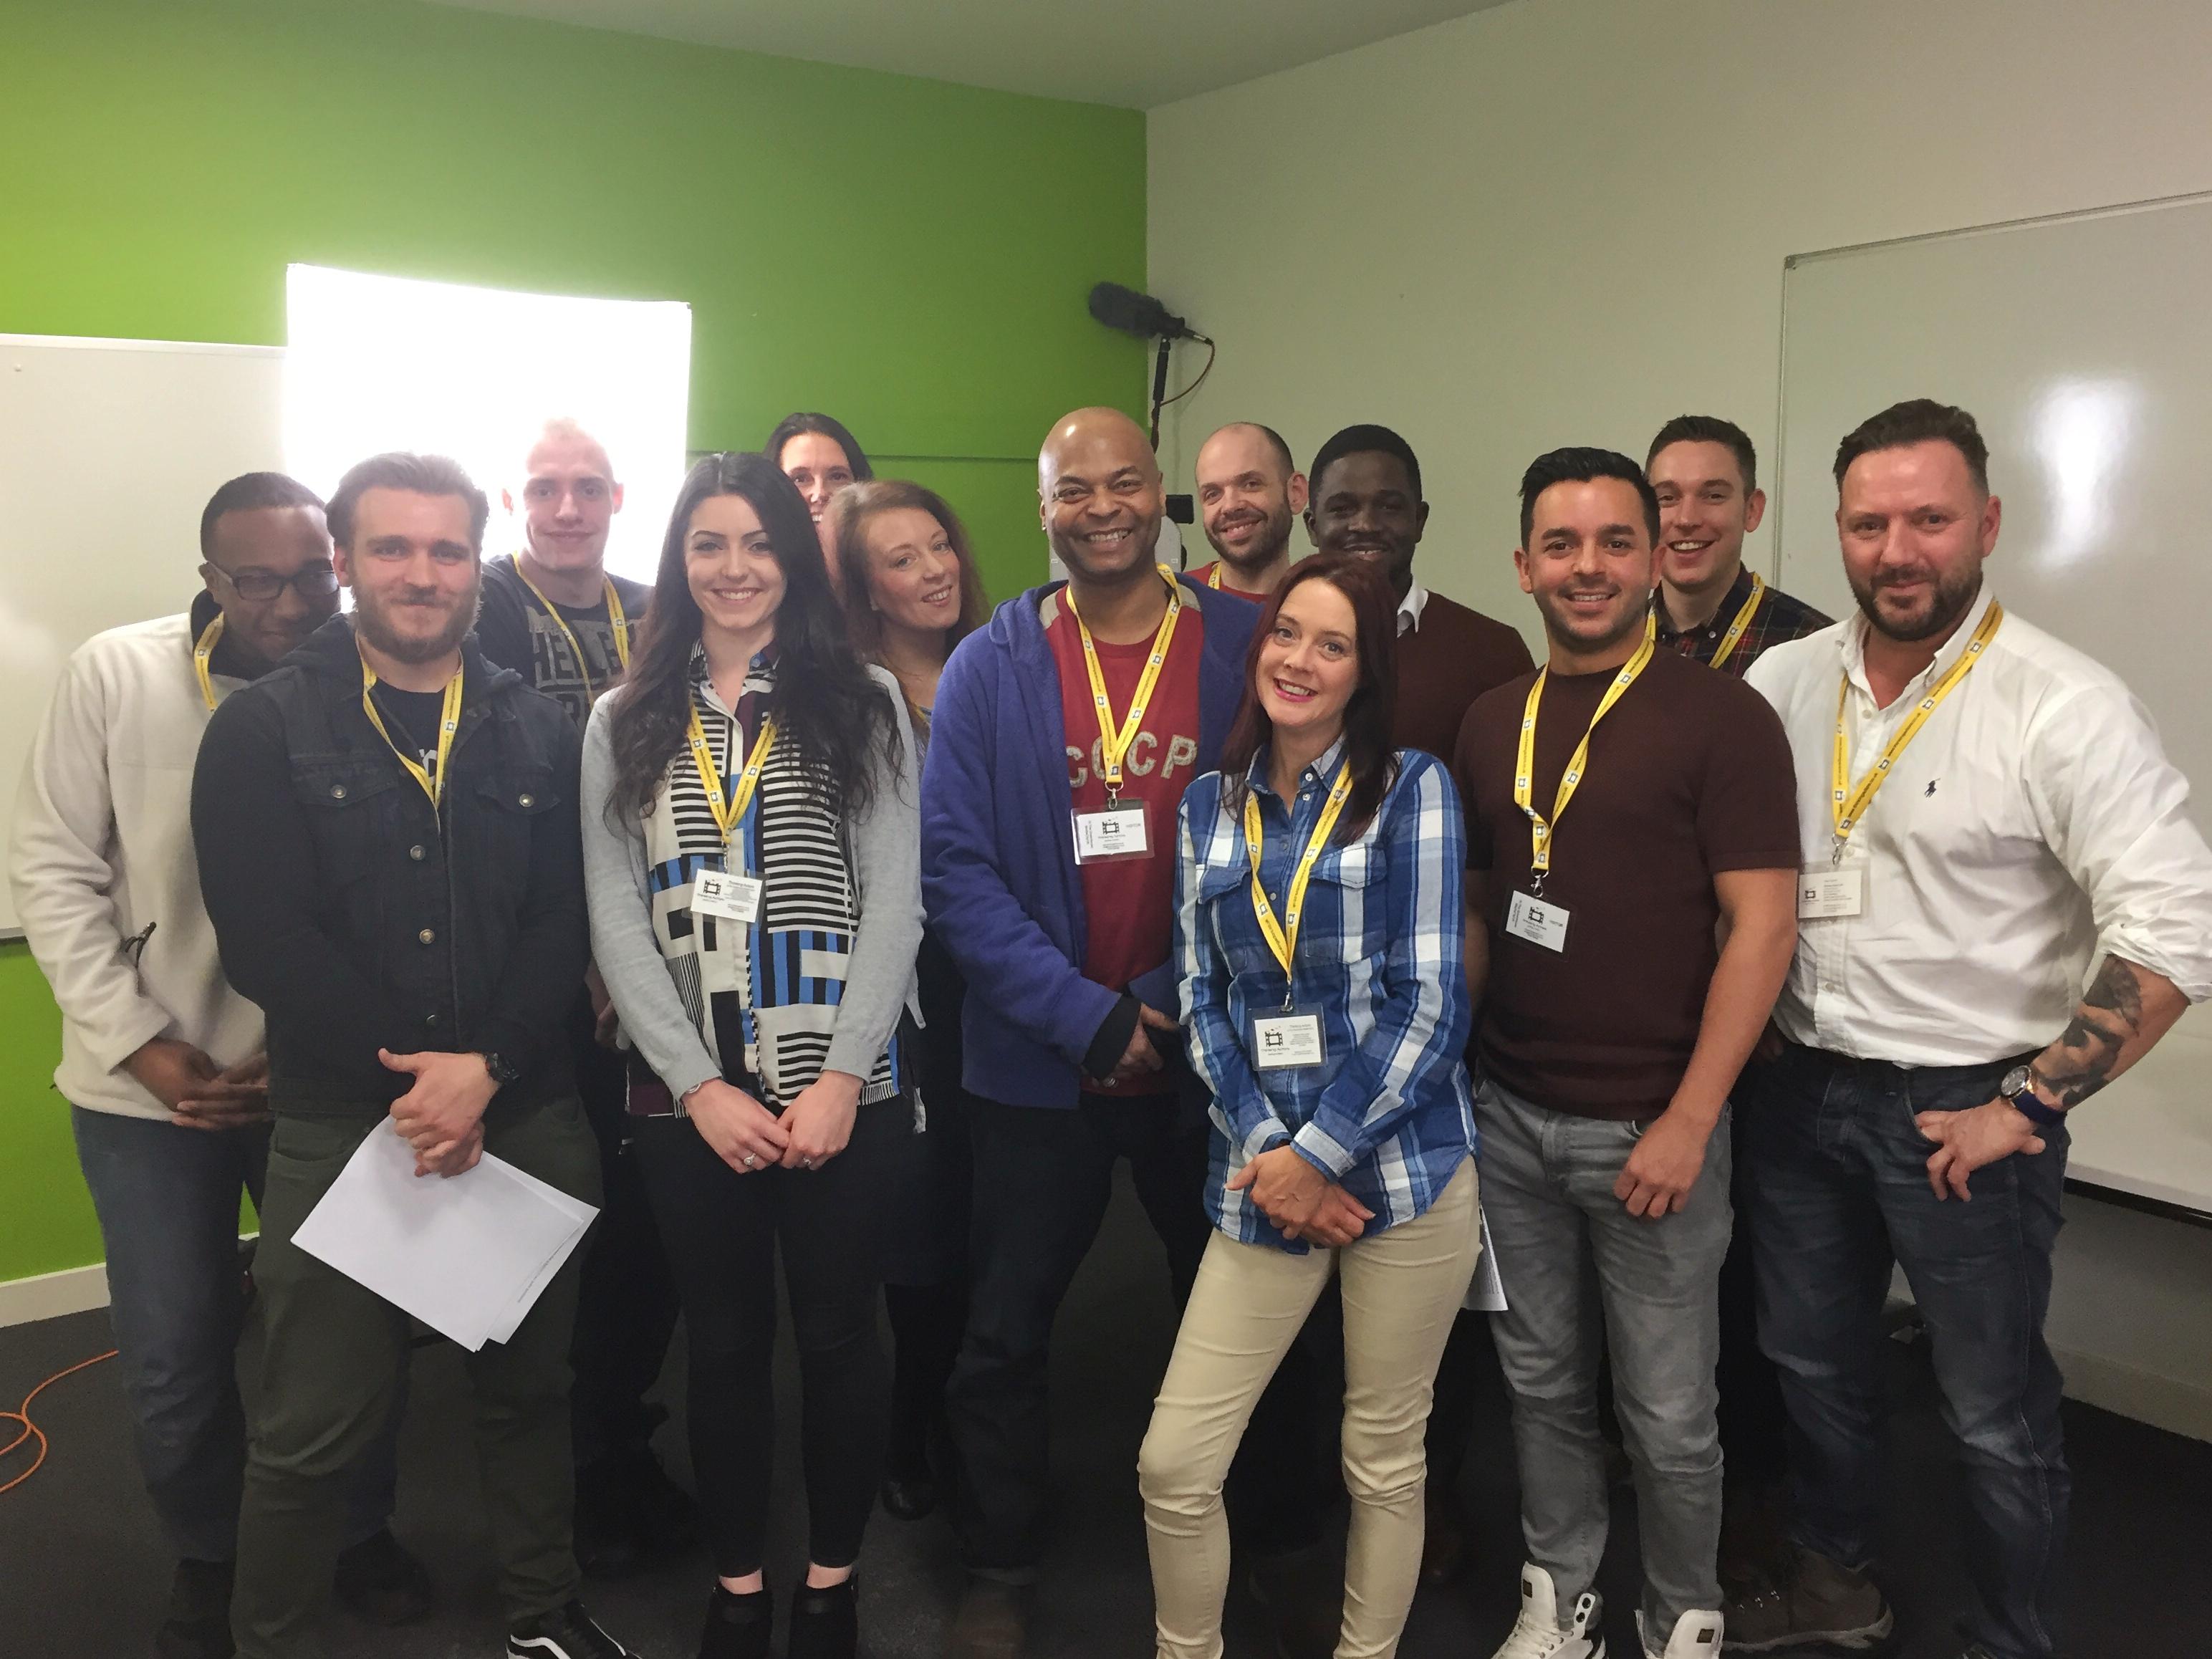 Thinking Actors at MediaCityUK & Liverpool